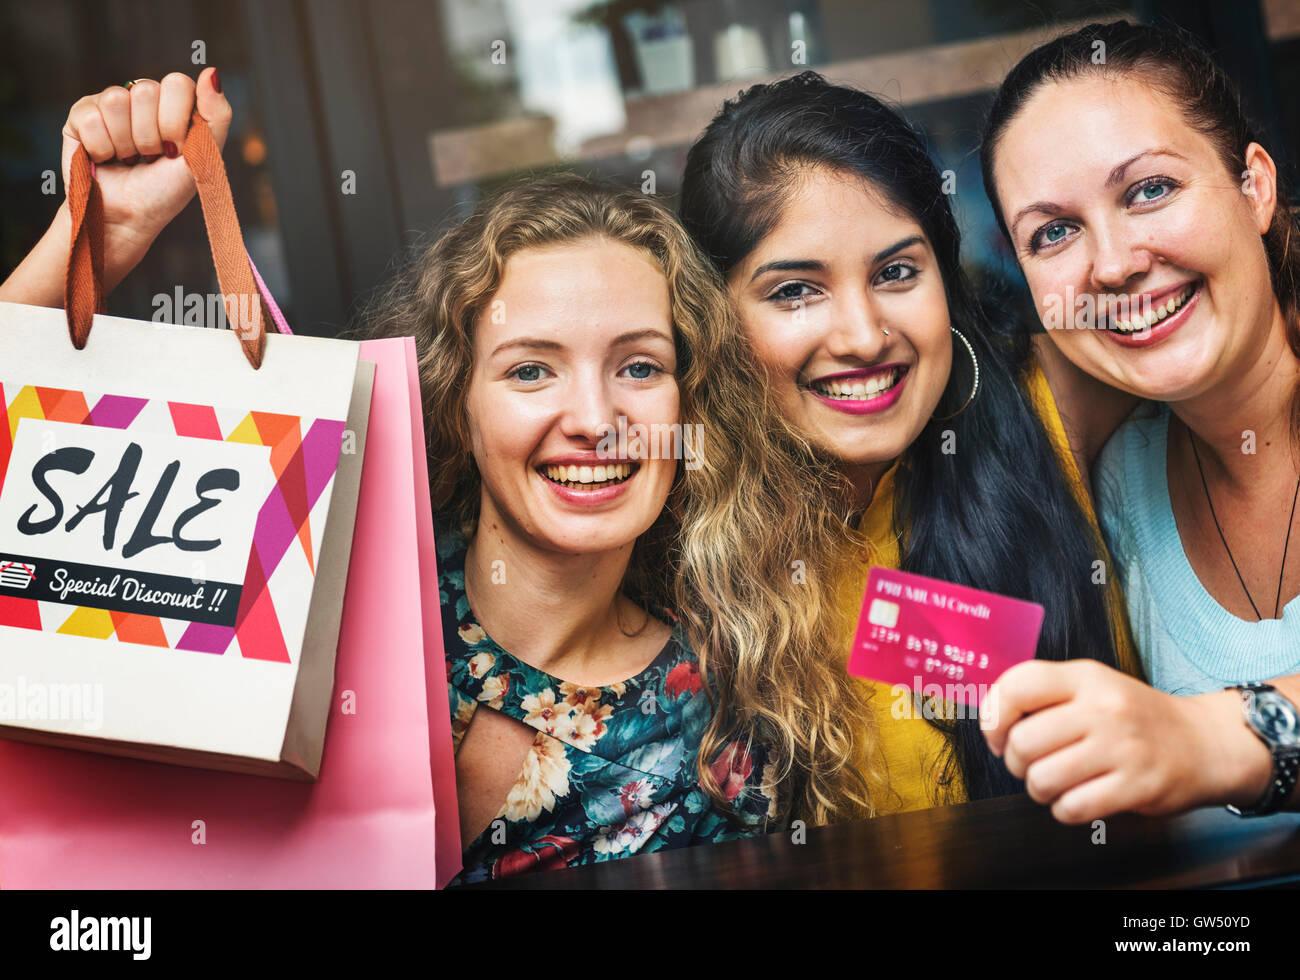 Women Friends Shopaholics Summer Sales Concept - Stock Image